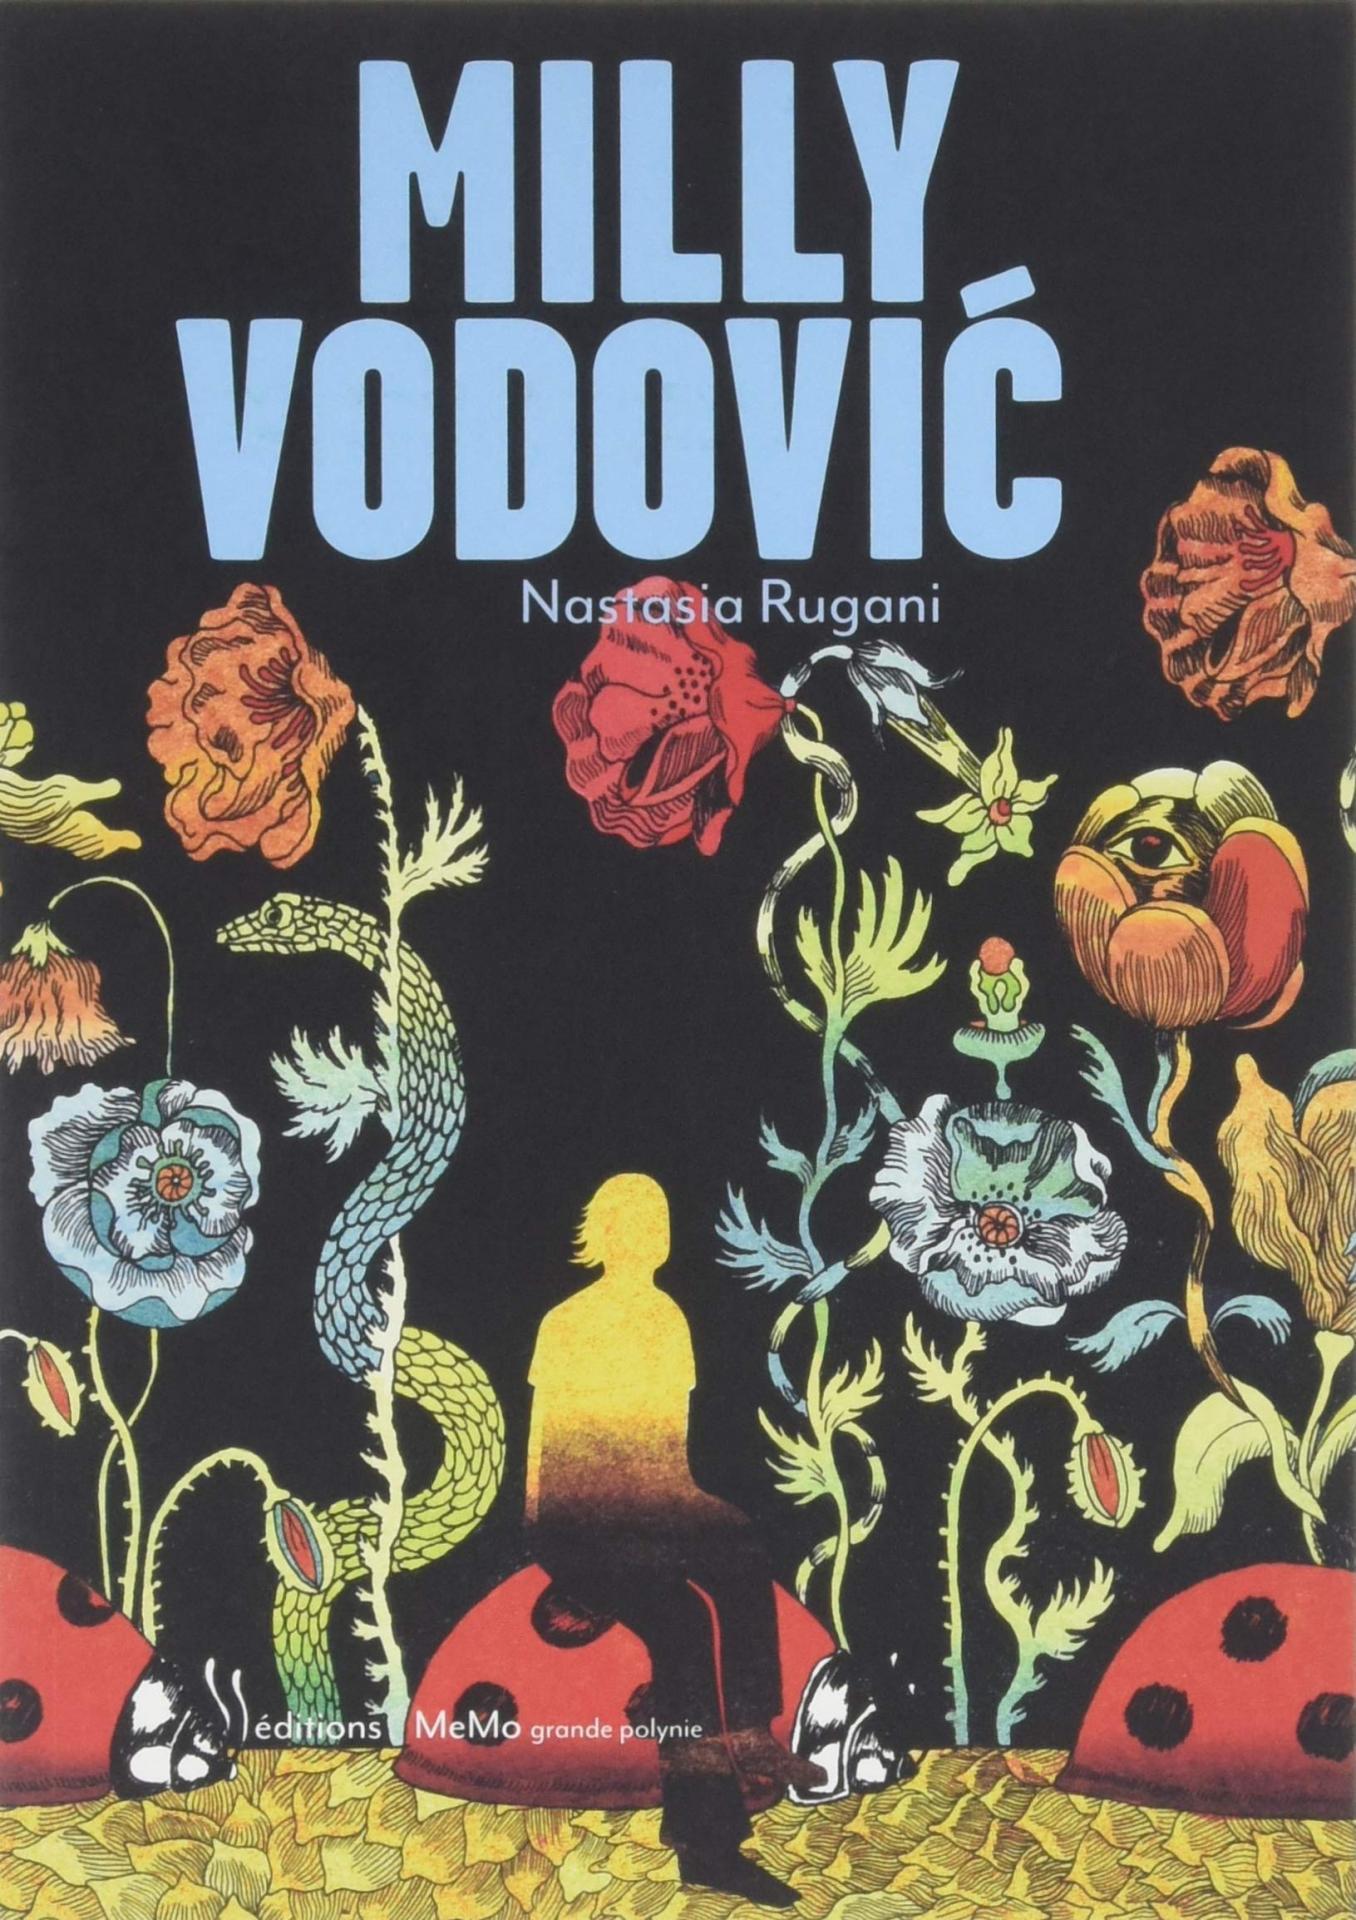 Milly Vodovic